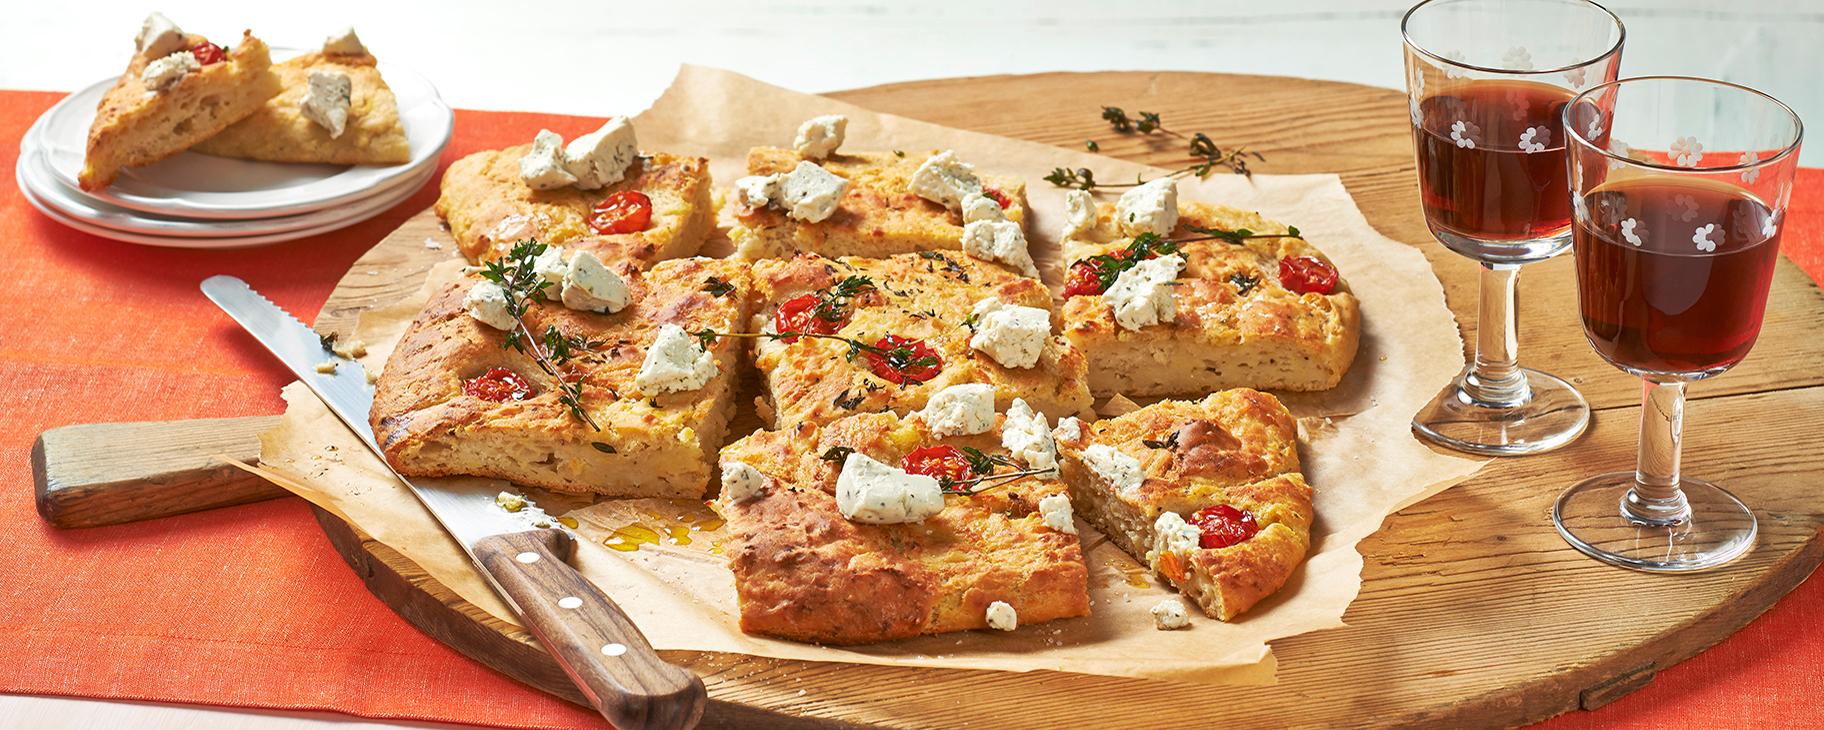 Das mediterrane Kartoffelbrot Rezept ist eine interessante Variation der italienischen Focaccia.